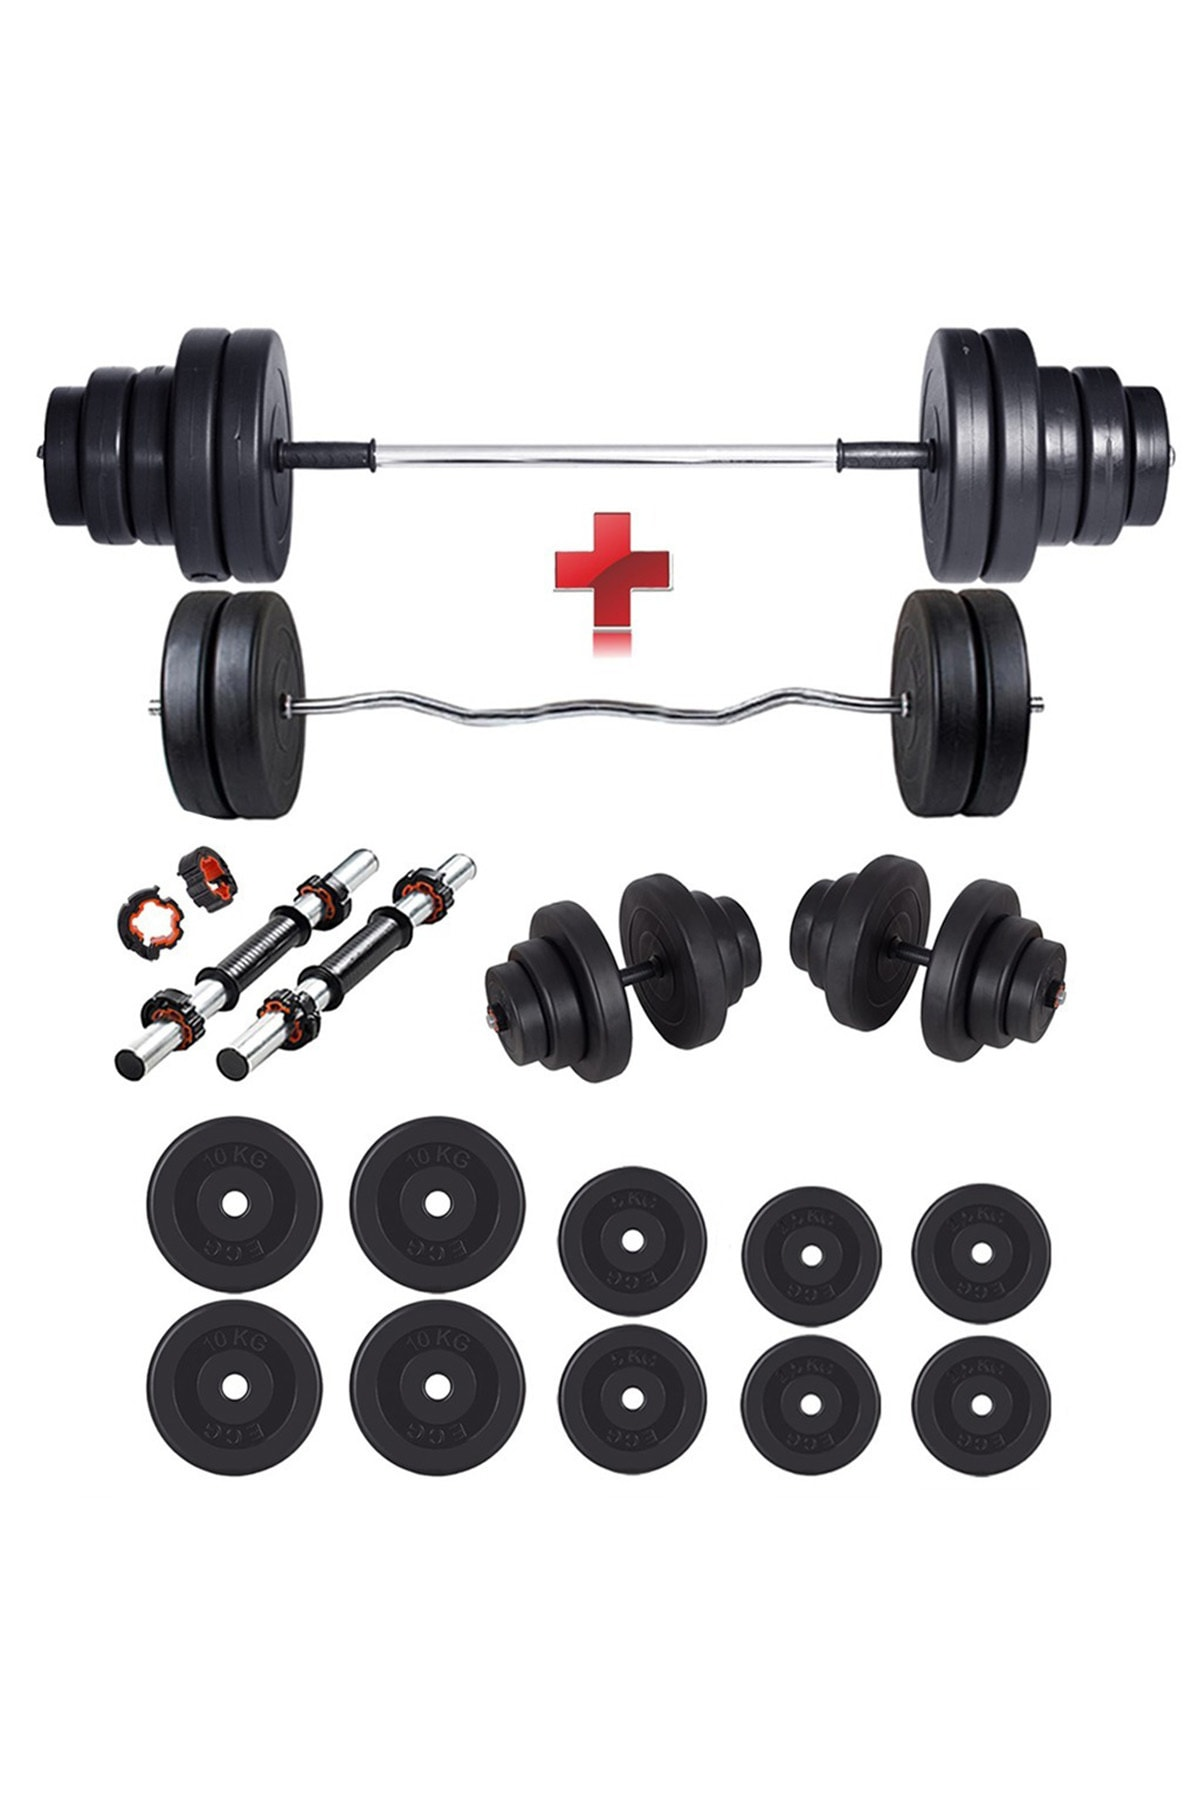 ECG SPOR 68 Kg Z Bar Dambıl Seti & Halter Seti Ağırlık Fitness Seti 1